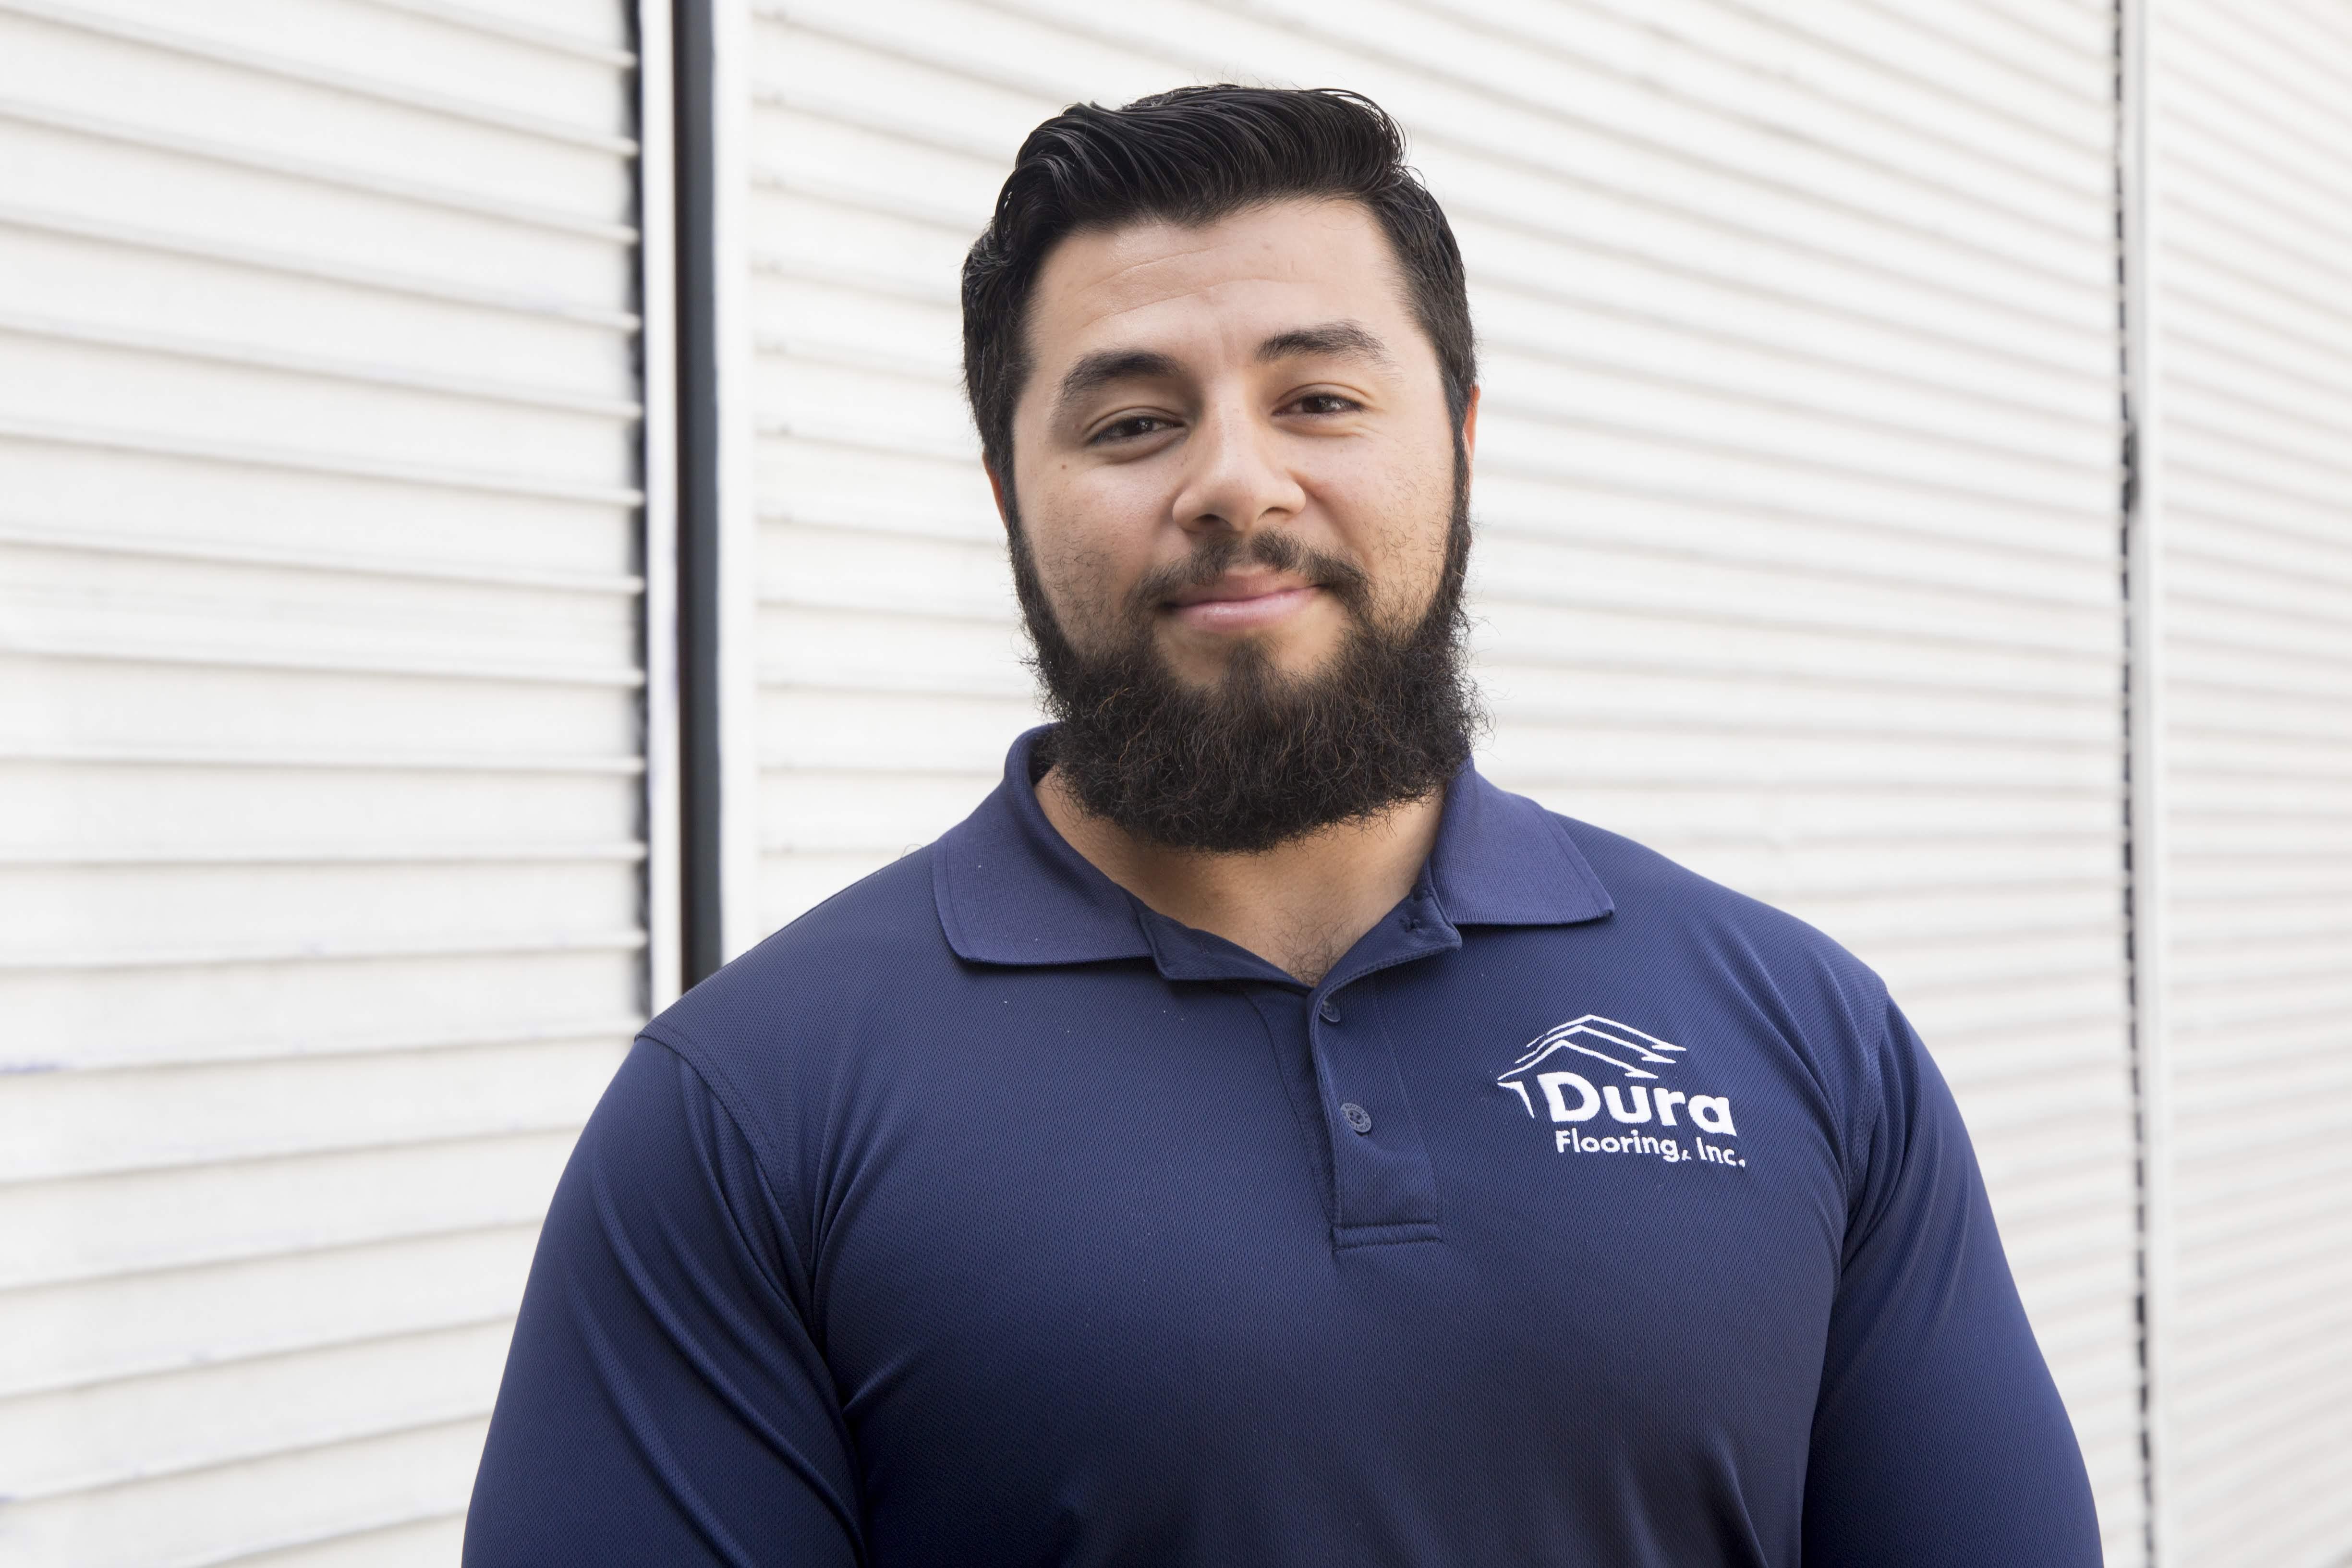 Reymundo, Installations Rep at Dura Flooring, Inc